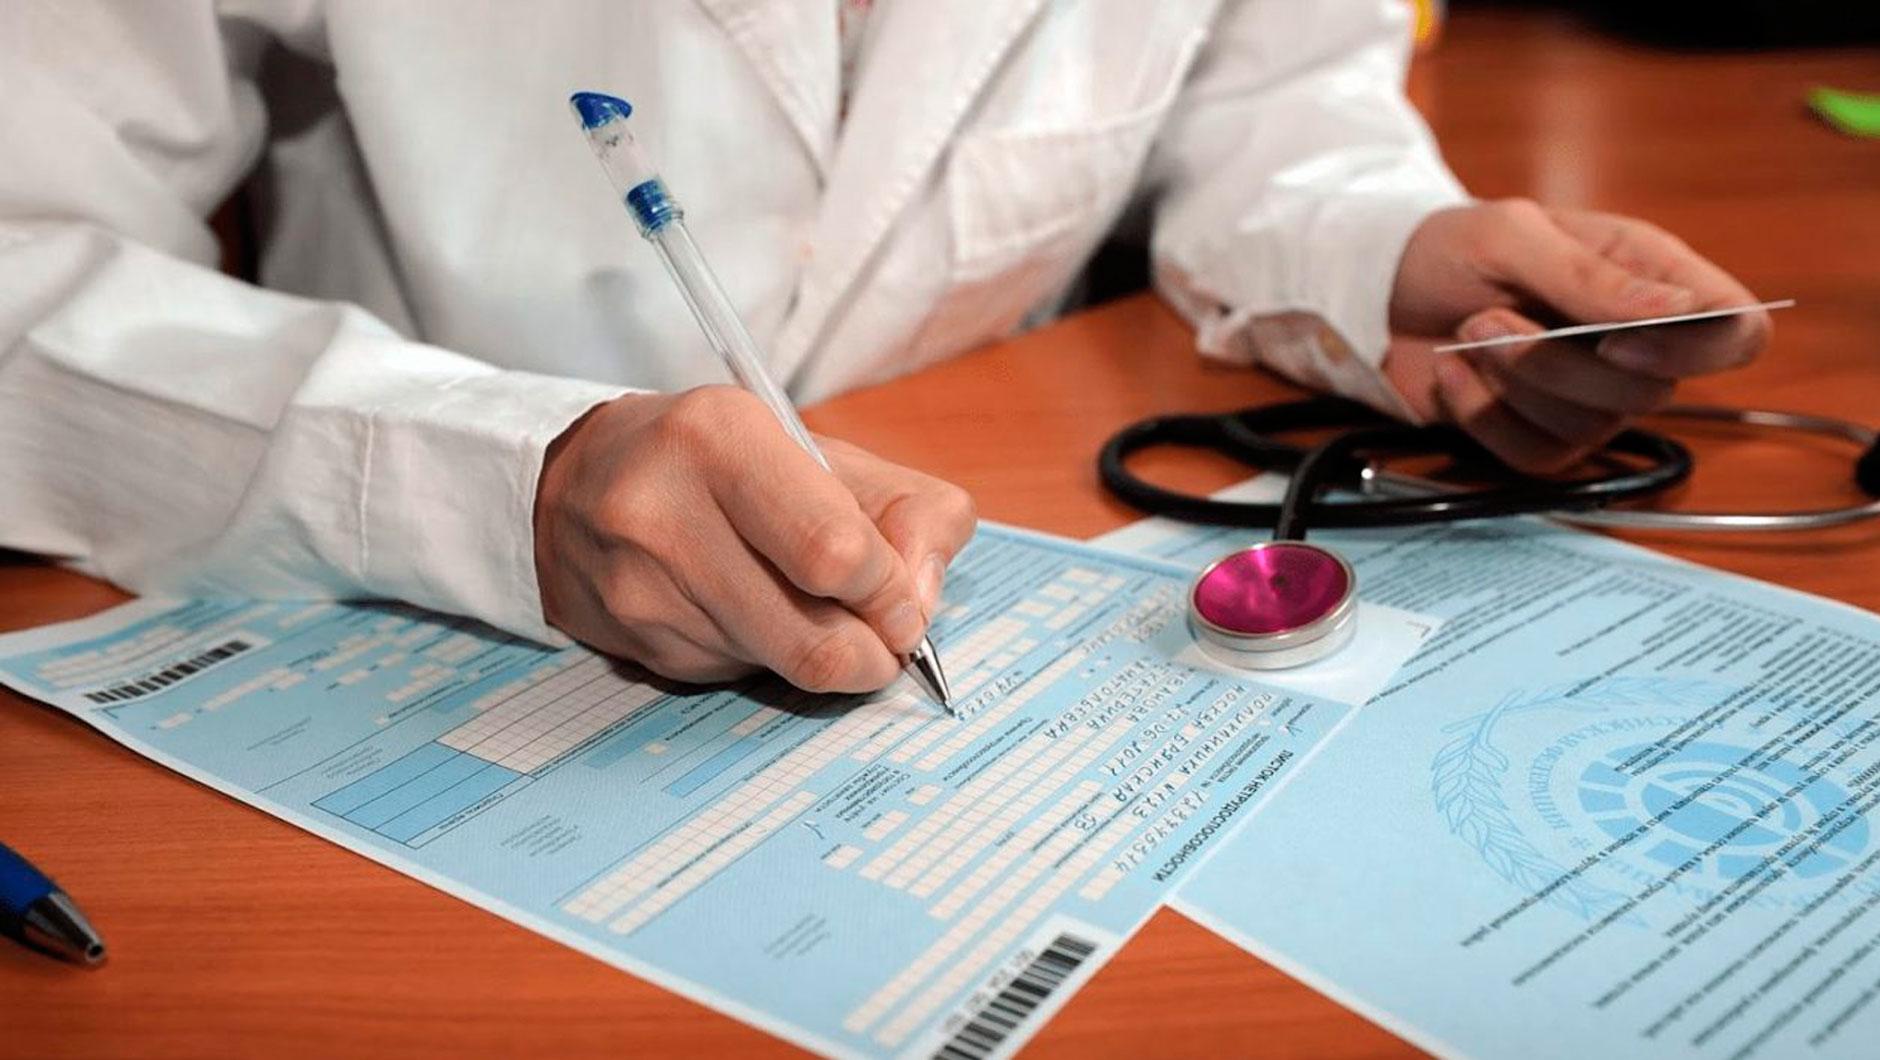 Медицинские показания - единственная причина, которая даёт 100%-ное право на академотпуск. Остальные уважительные причины рассматривает вуз и выносит своё решение